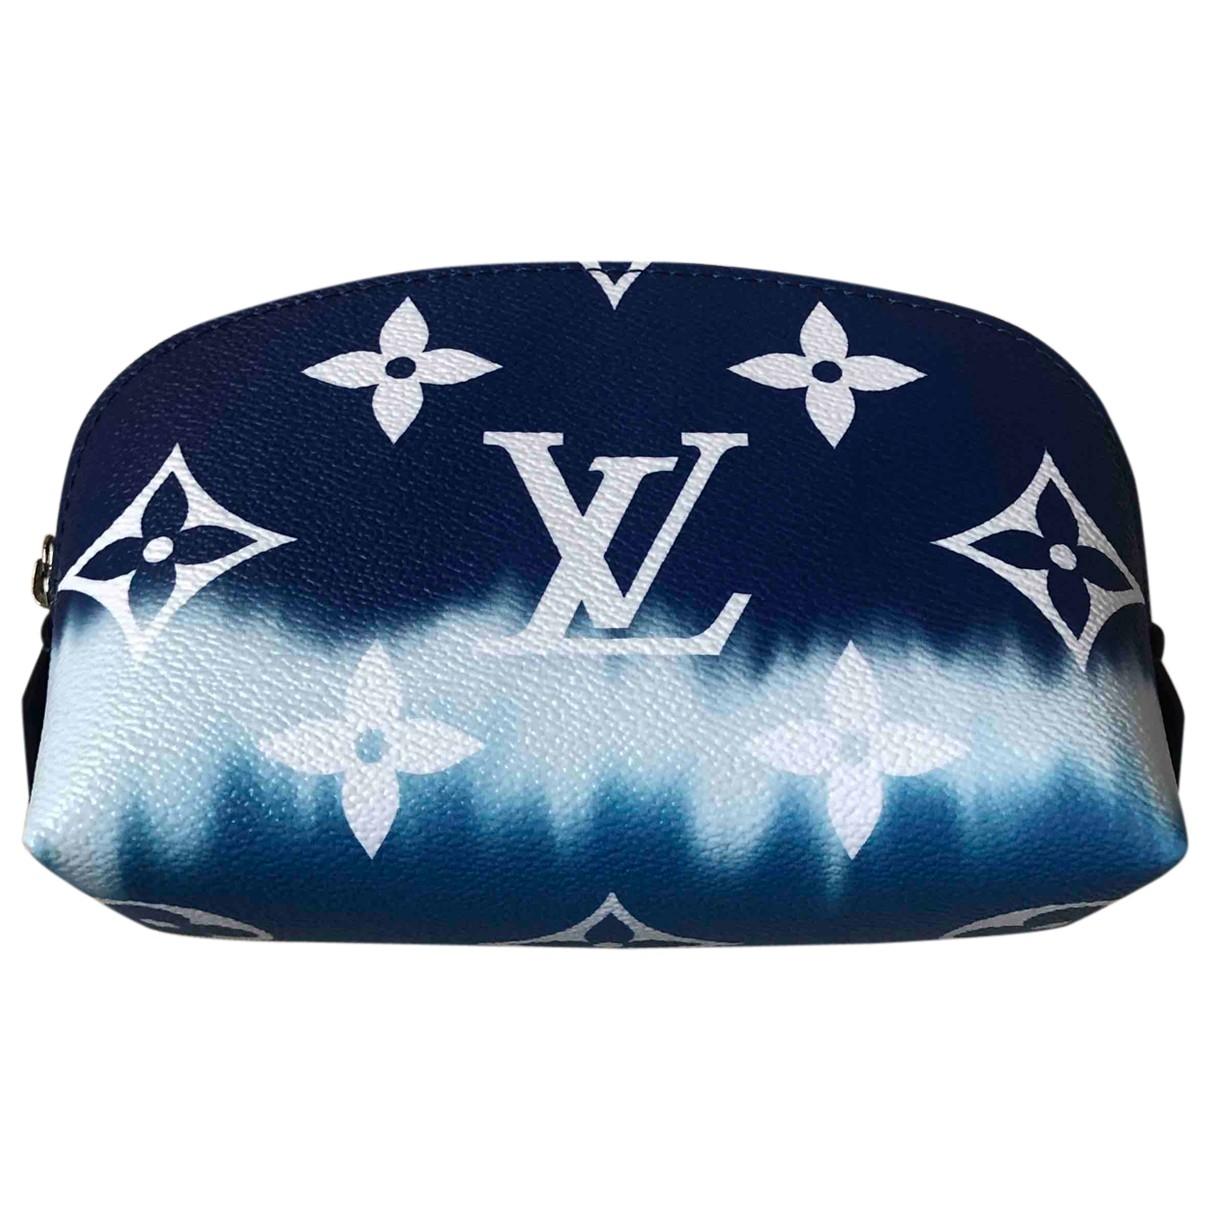 Louis Vuitton - Sac de voyage   pour femme en toile - bleu